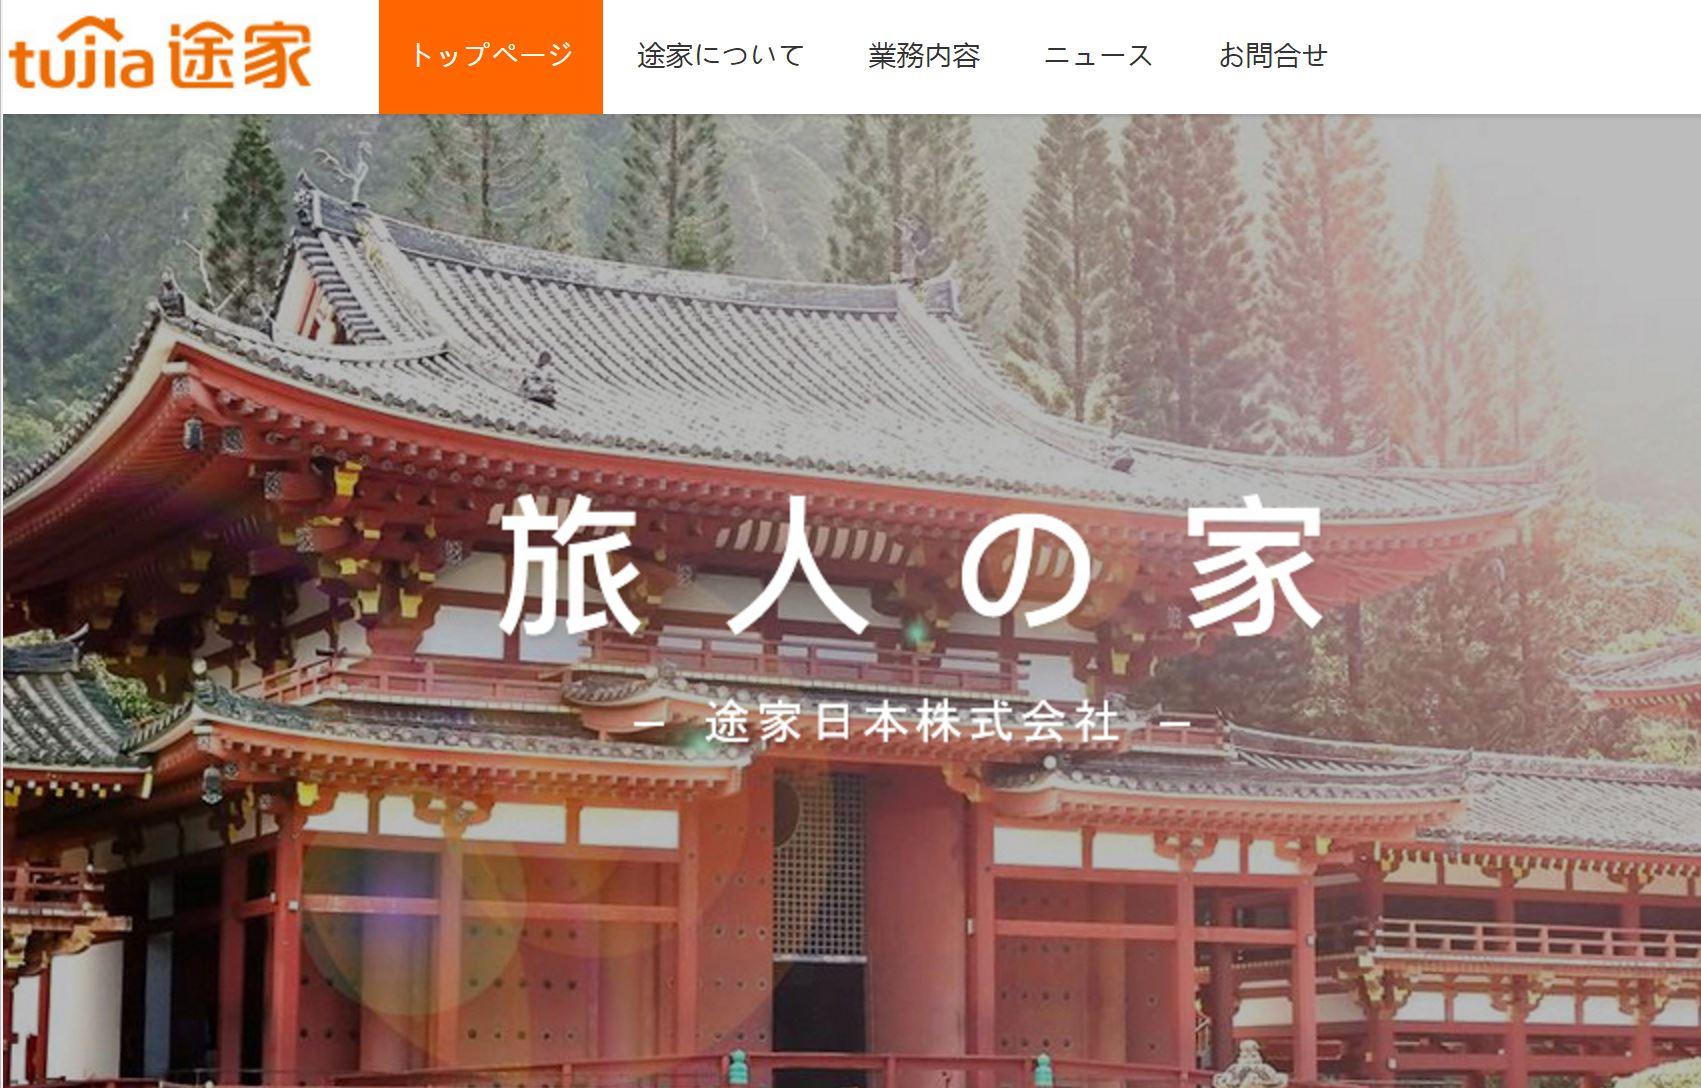 中国の民泊大手「途家(トゥージア)」が日本語ページを開設、仲介手数料ゼロのキャンペーンも